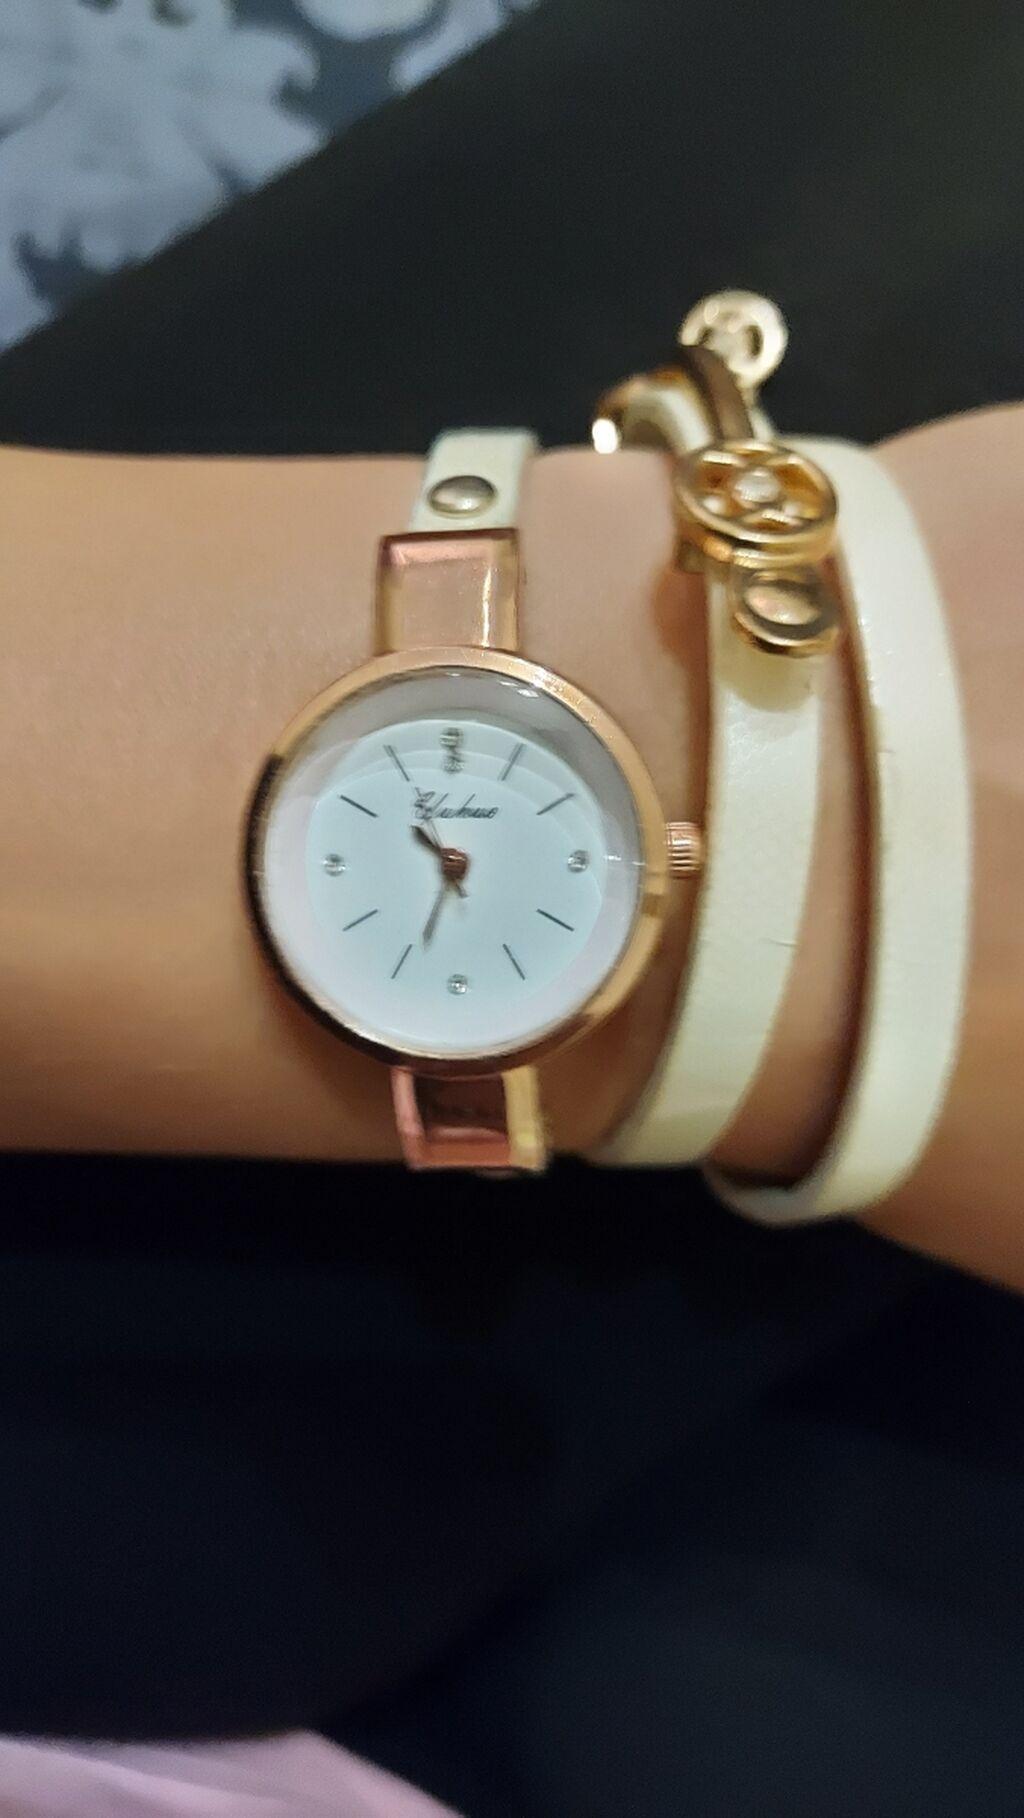 Διάφορα ρολόγια,καινούρια. 9 ευρώ το ένα ή 25 και τα τρία